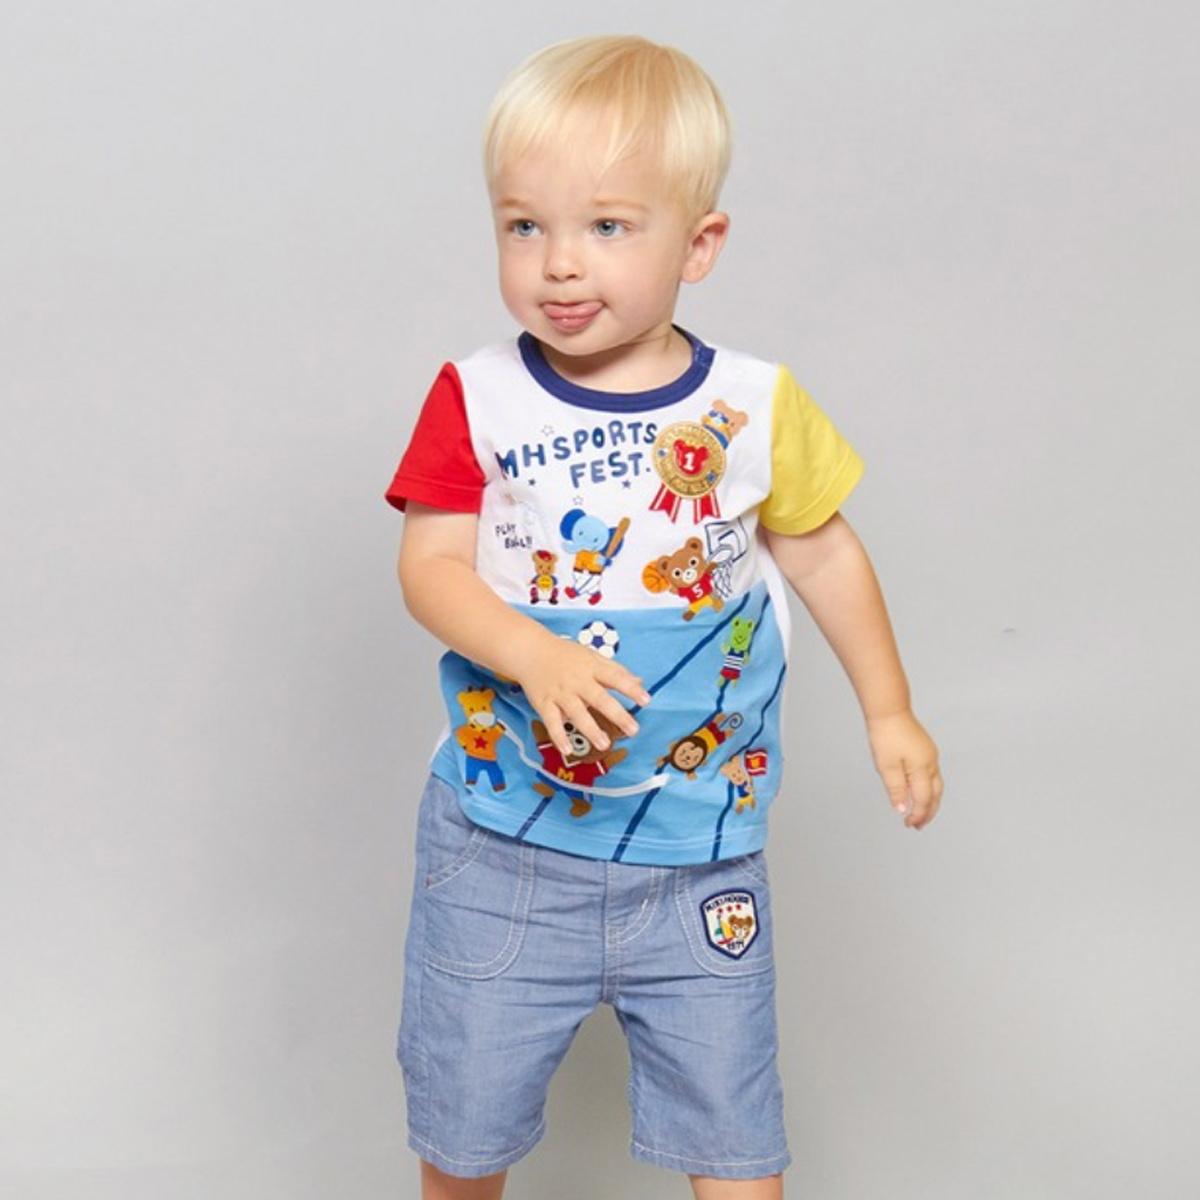 【MIKIHOUSE ミキハウス】ベースボール半袖Tシャツ(80cm・90cm・100cm)